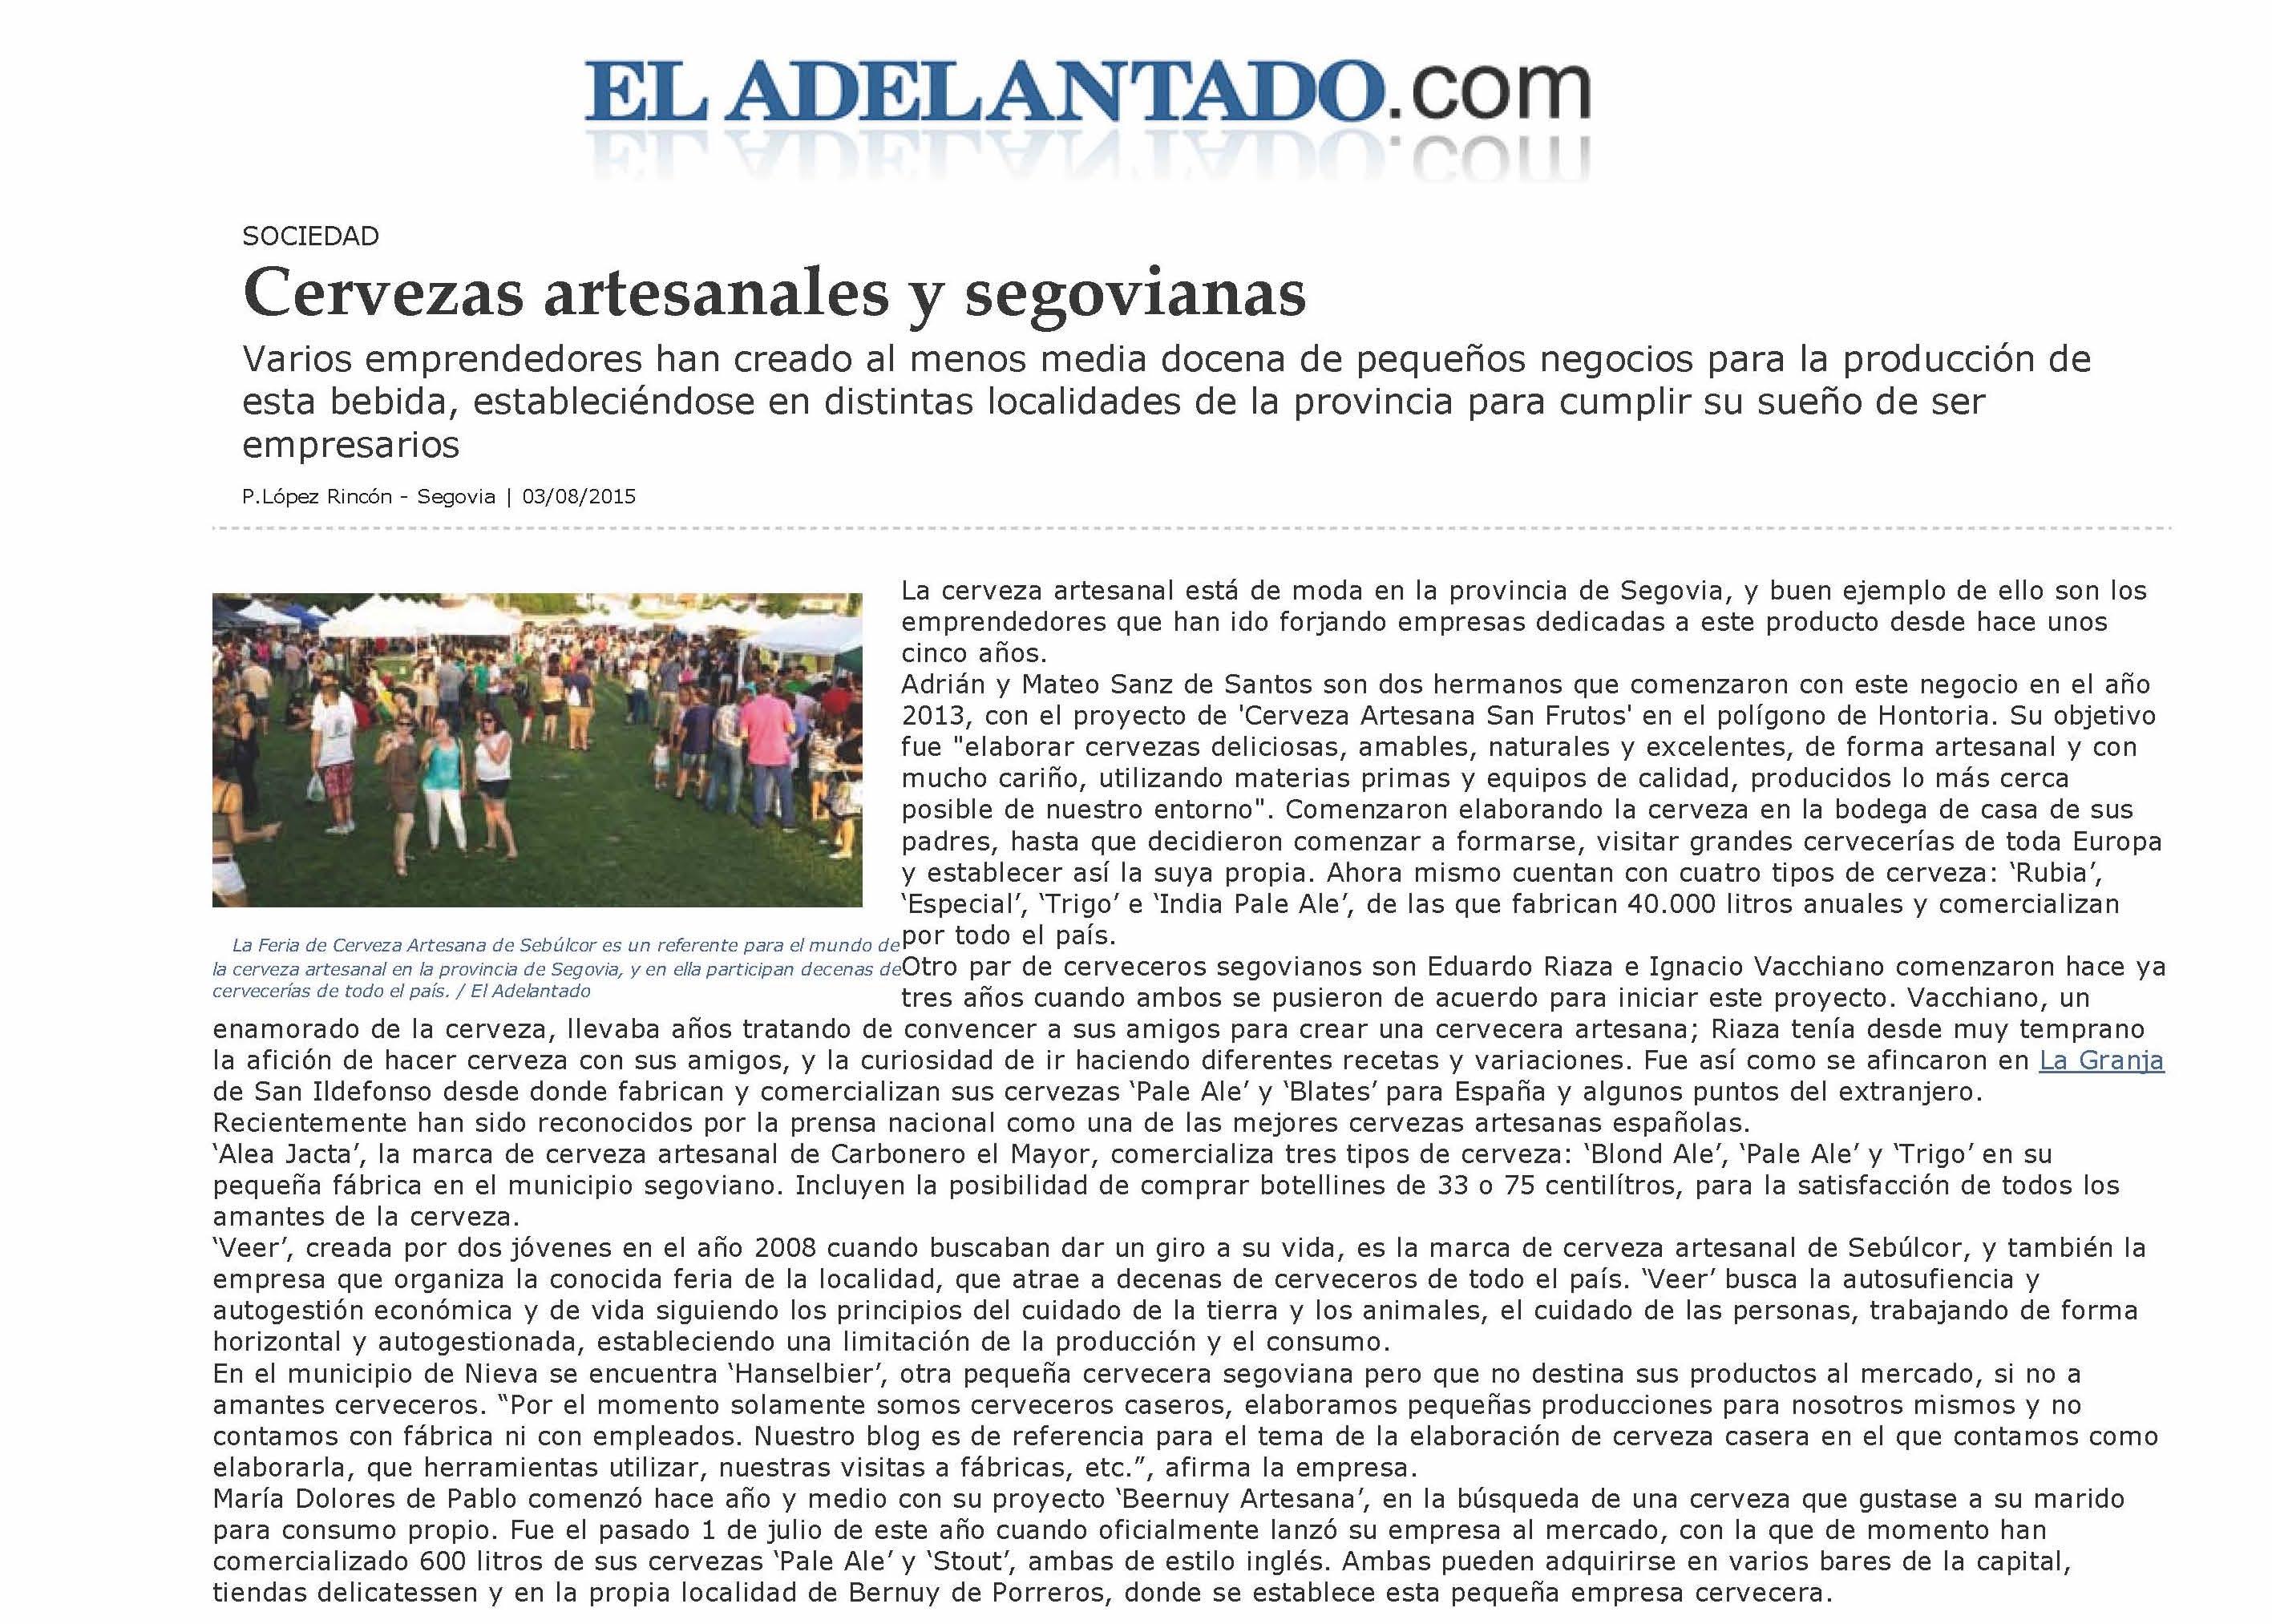 150803 ElAdelantado - Cervezas artesanales y segovianas